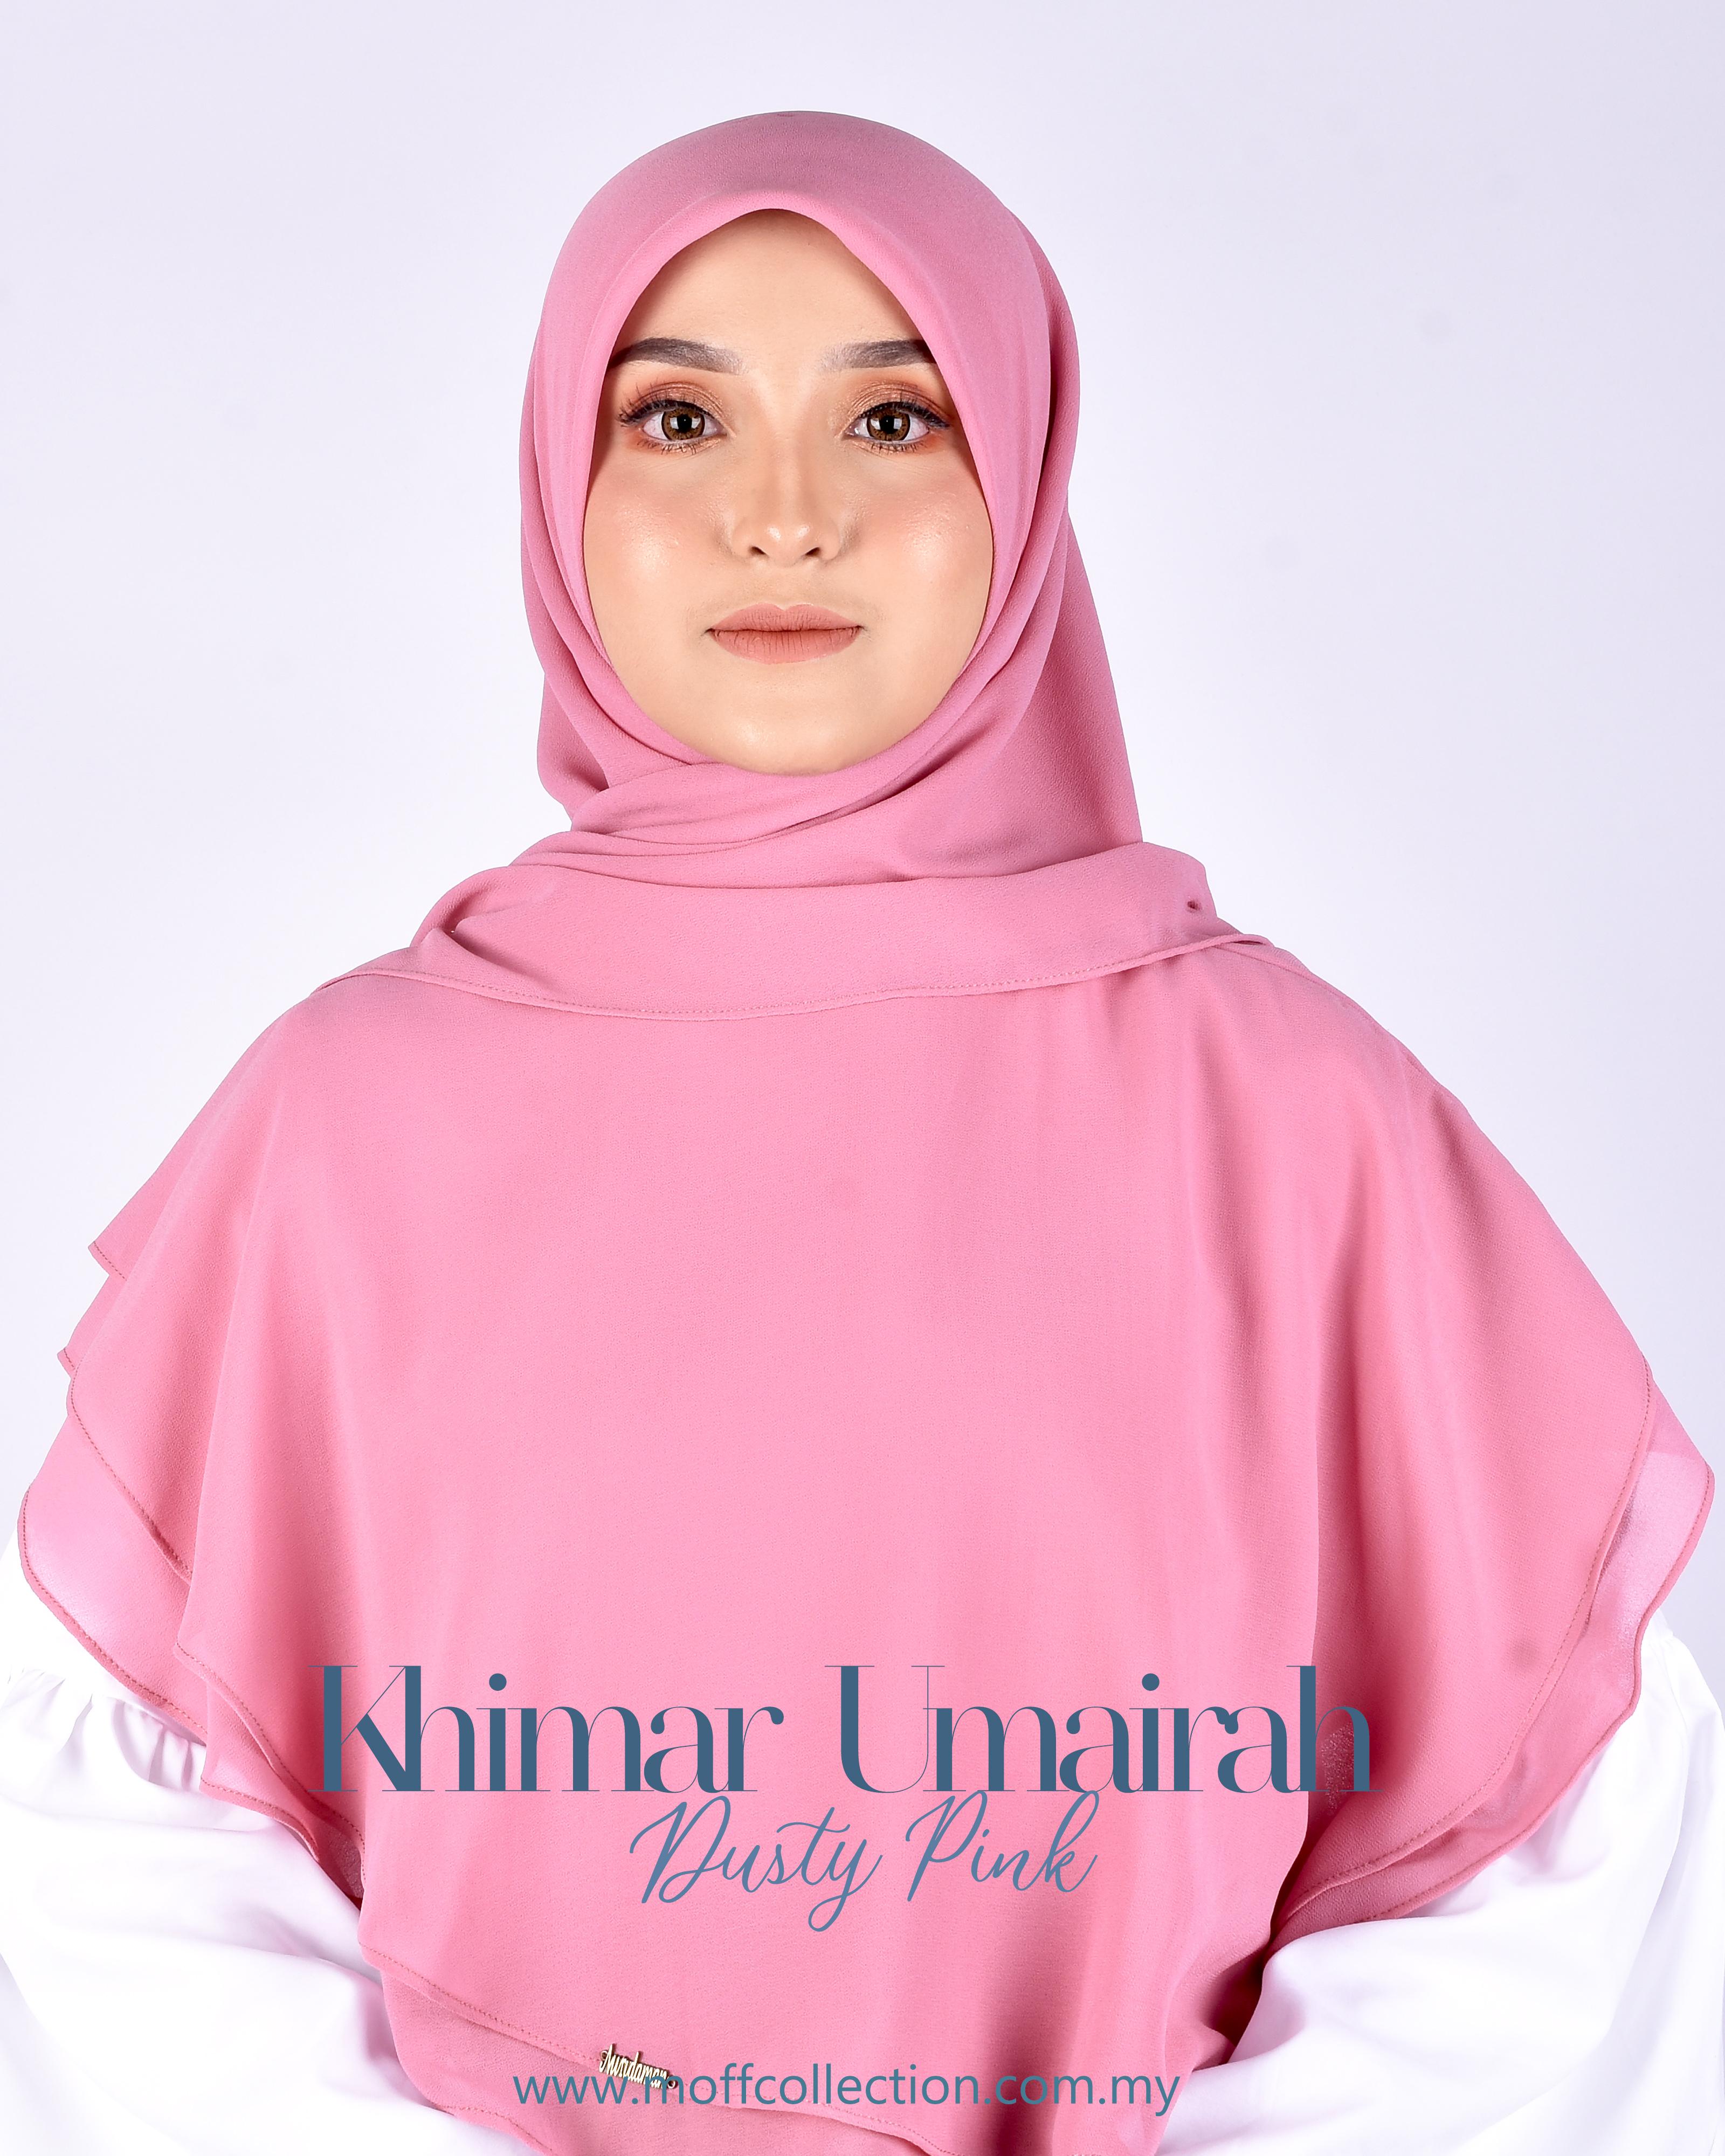 Khimar Umairah In Dusty Pink